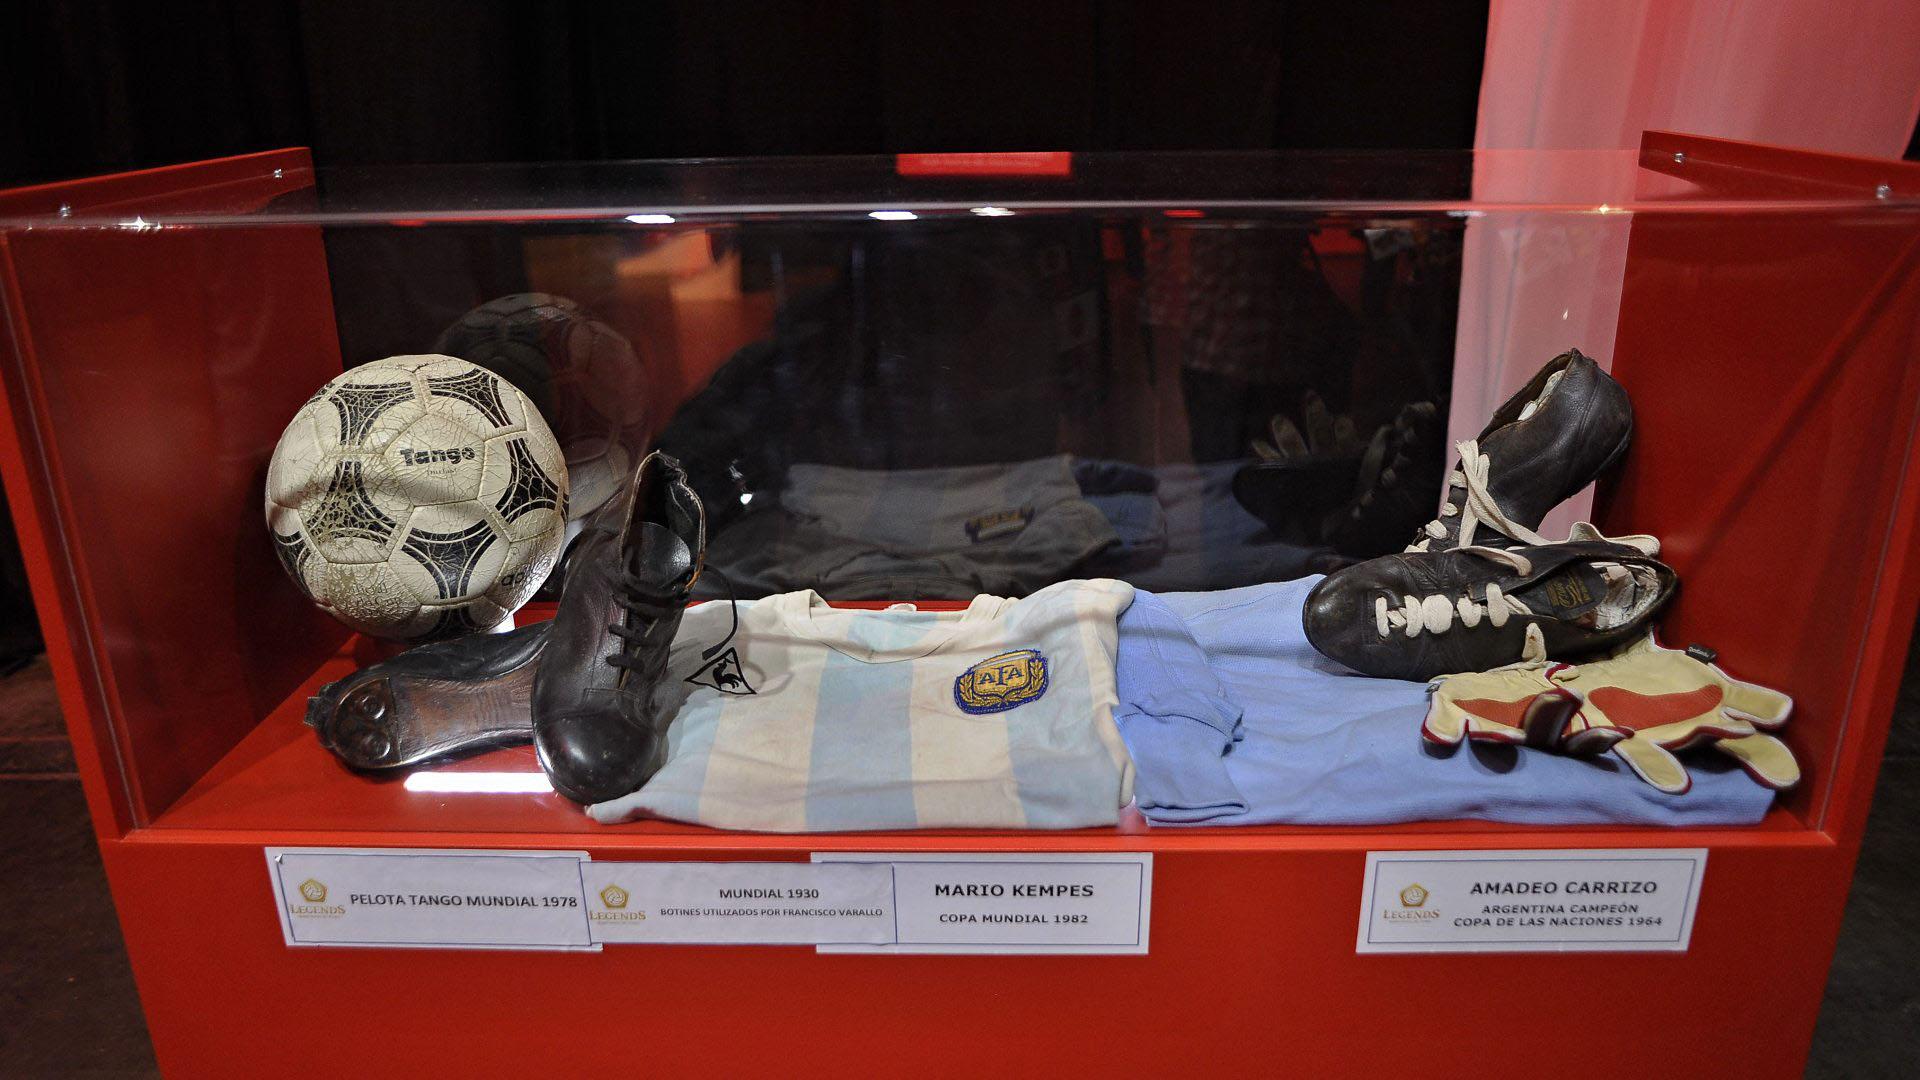 La pelota Tango junto a los elementos usados por Varallo, Kempes y Carrizo (Patricio Murphy)